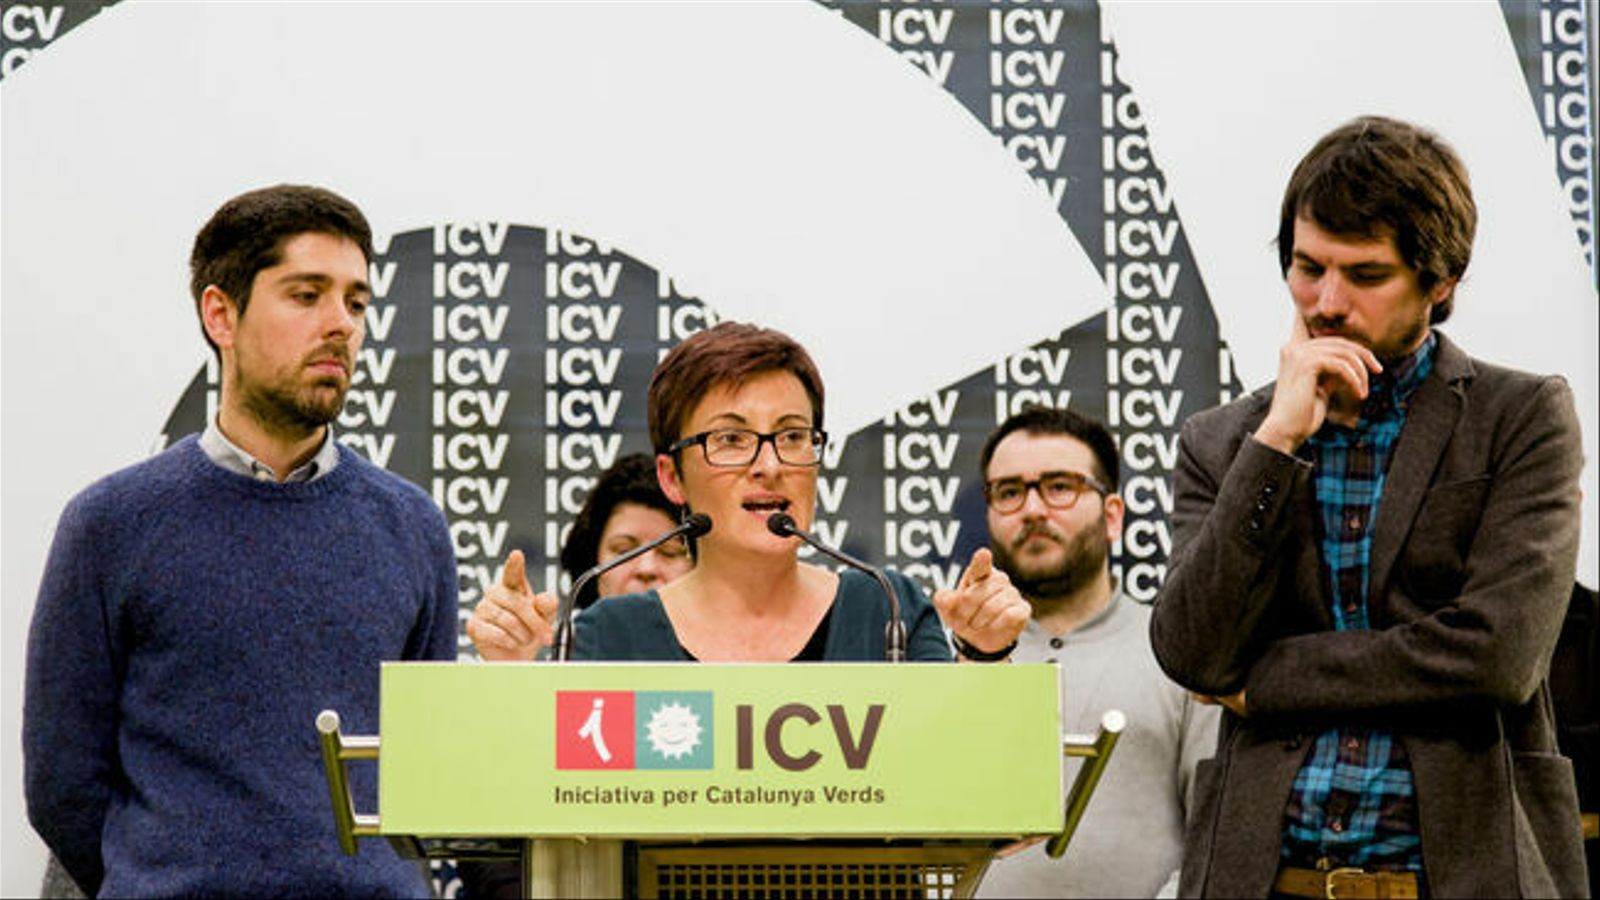 ICV acomiadarà la plantilla amb la indemnització mínima